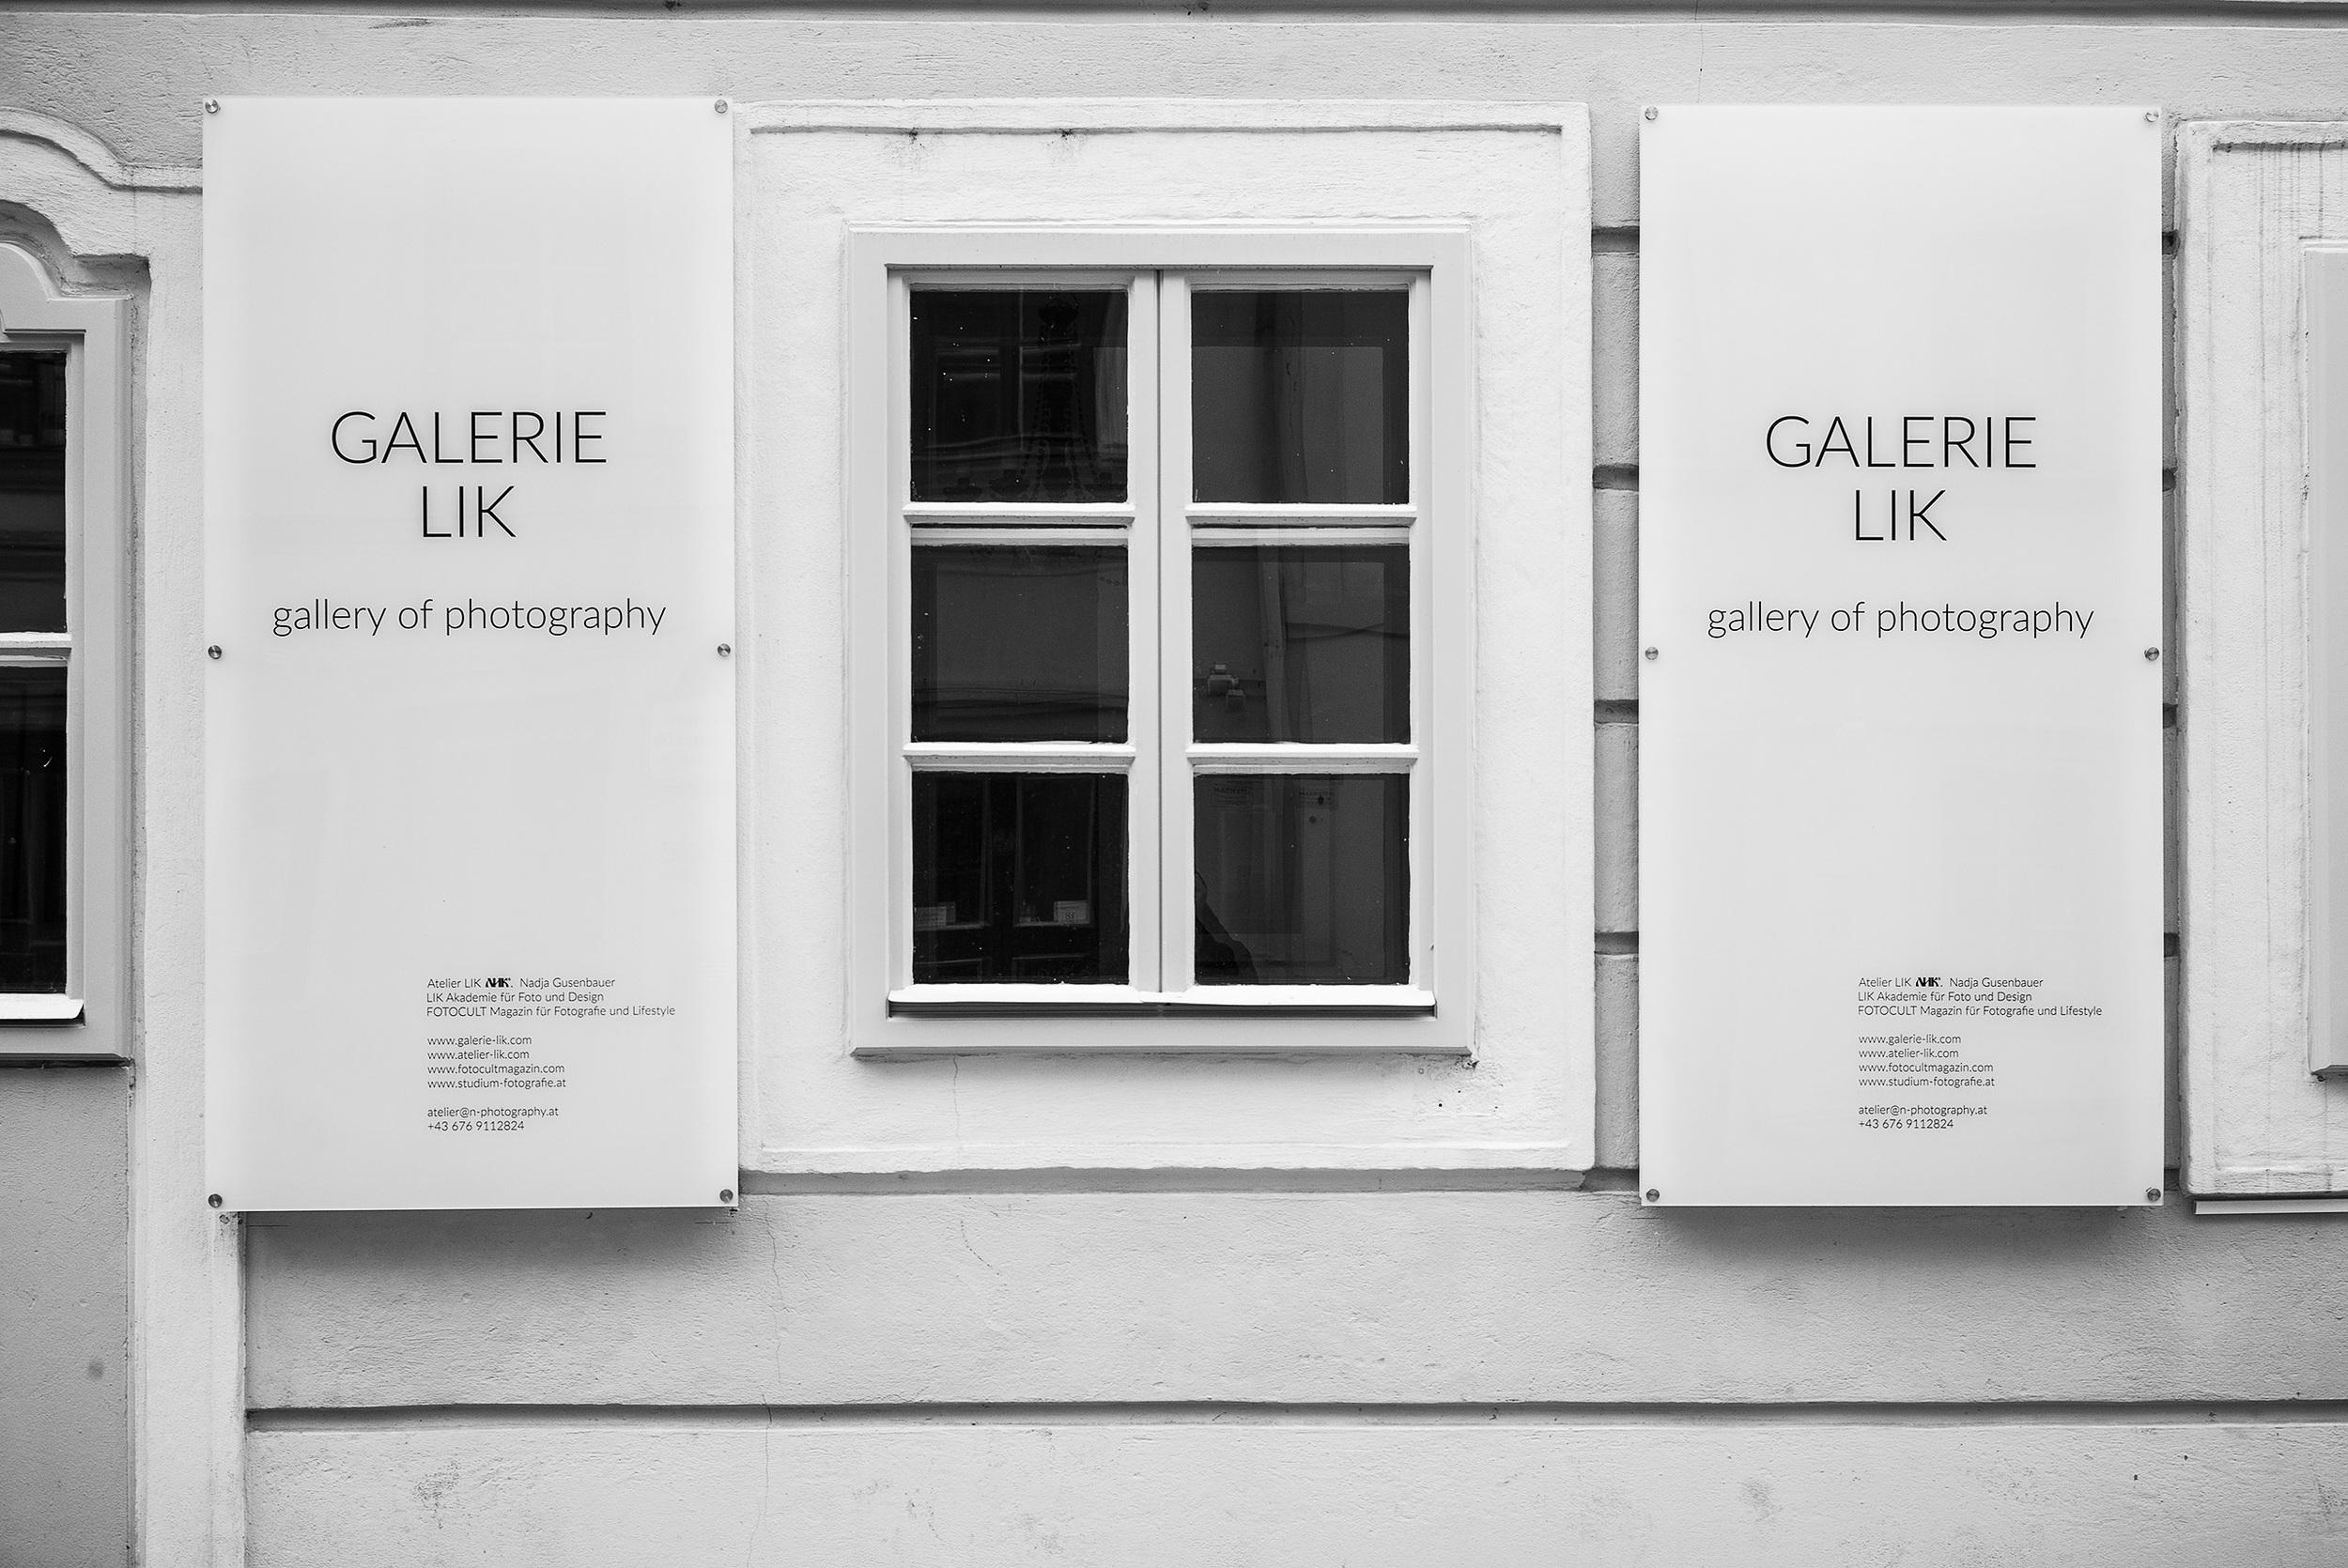 Galerie LIK Wien